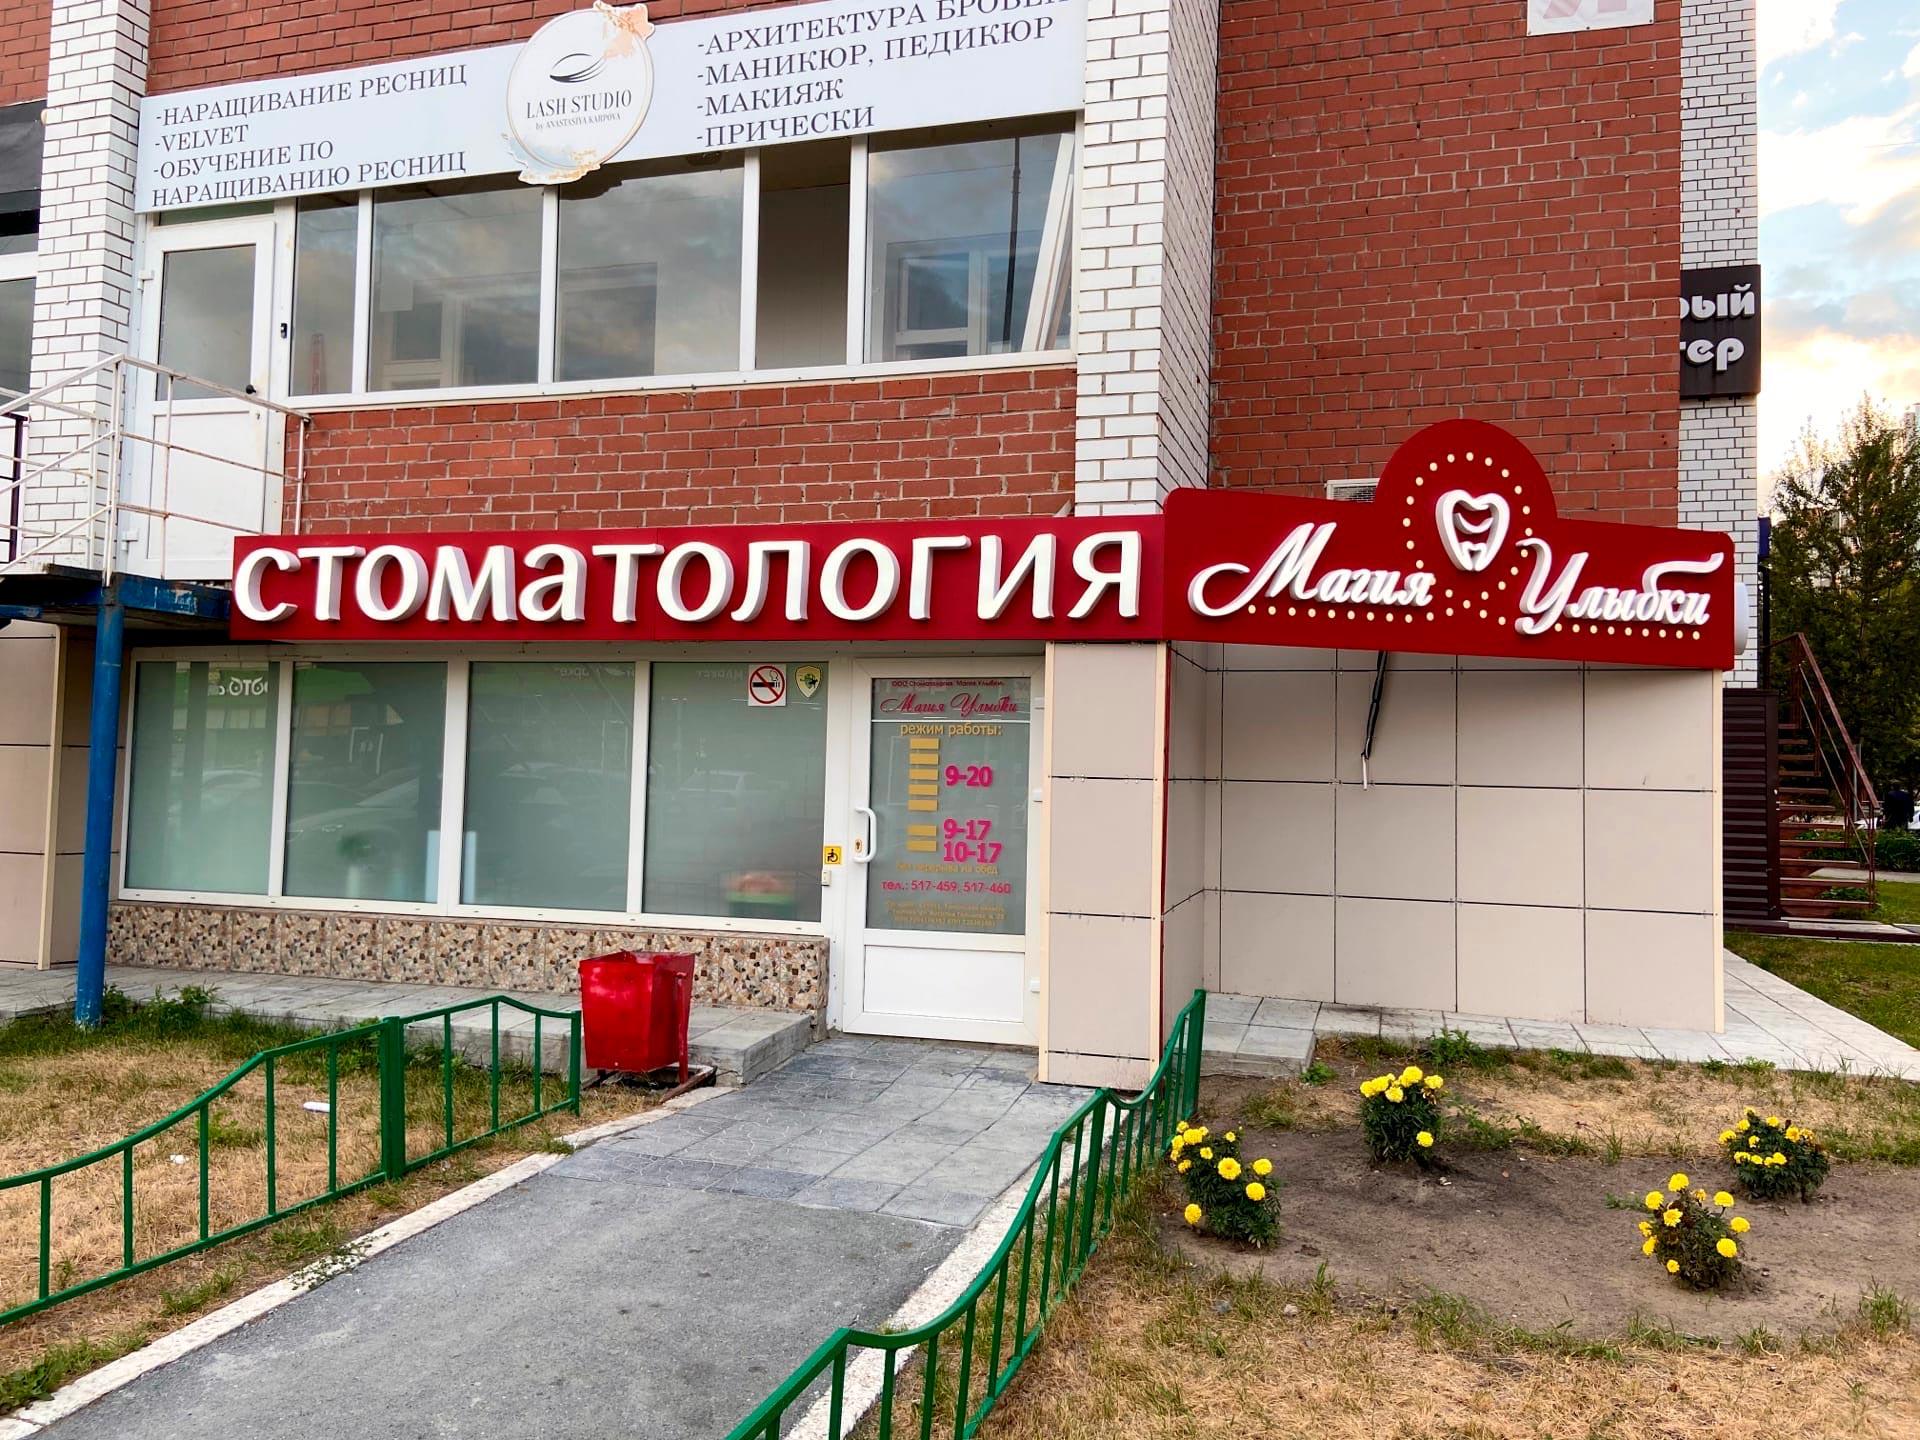 Стоматология в Тюмени